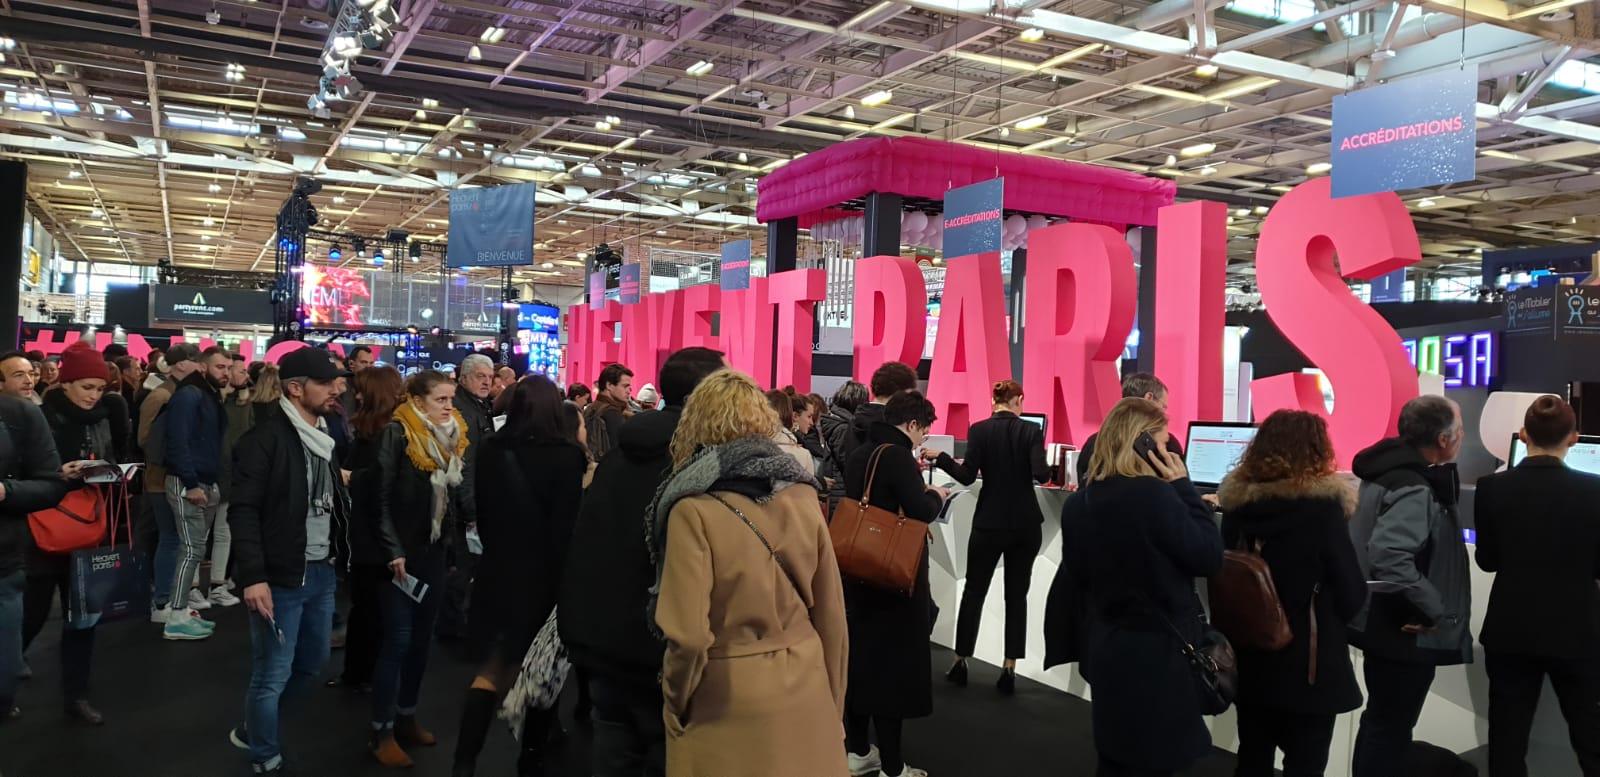 En direct de Heavent Paris : trouver des idées innovantes pour les évènements de vos clients